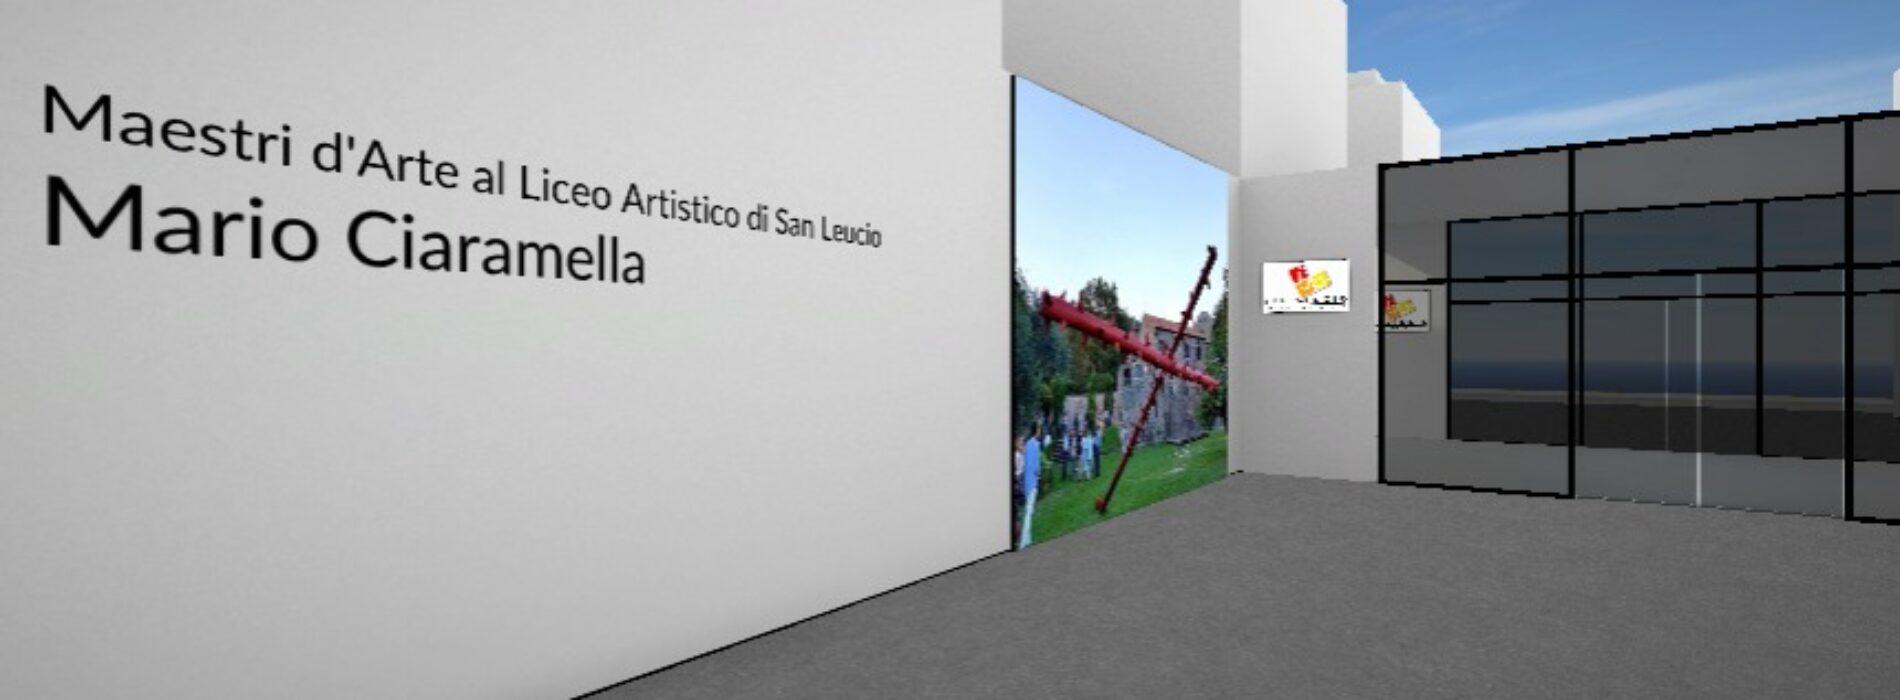 Liceo Artistico San Leucio, Mario Ciaramella versione virtuale